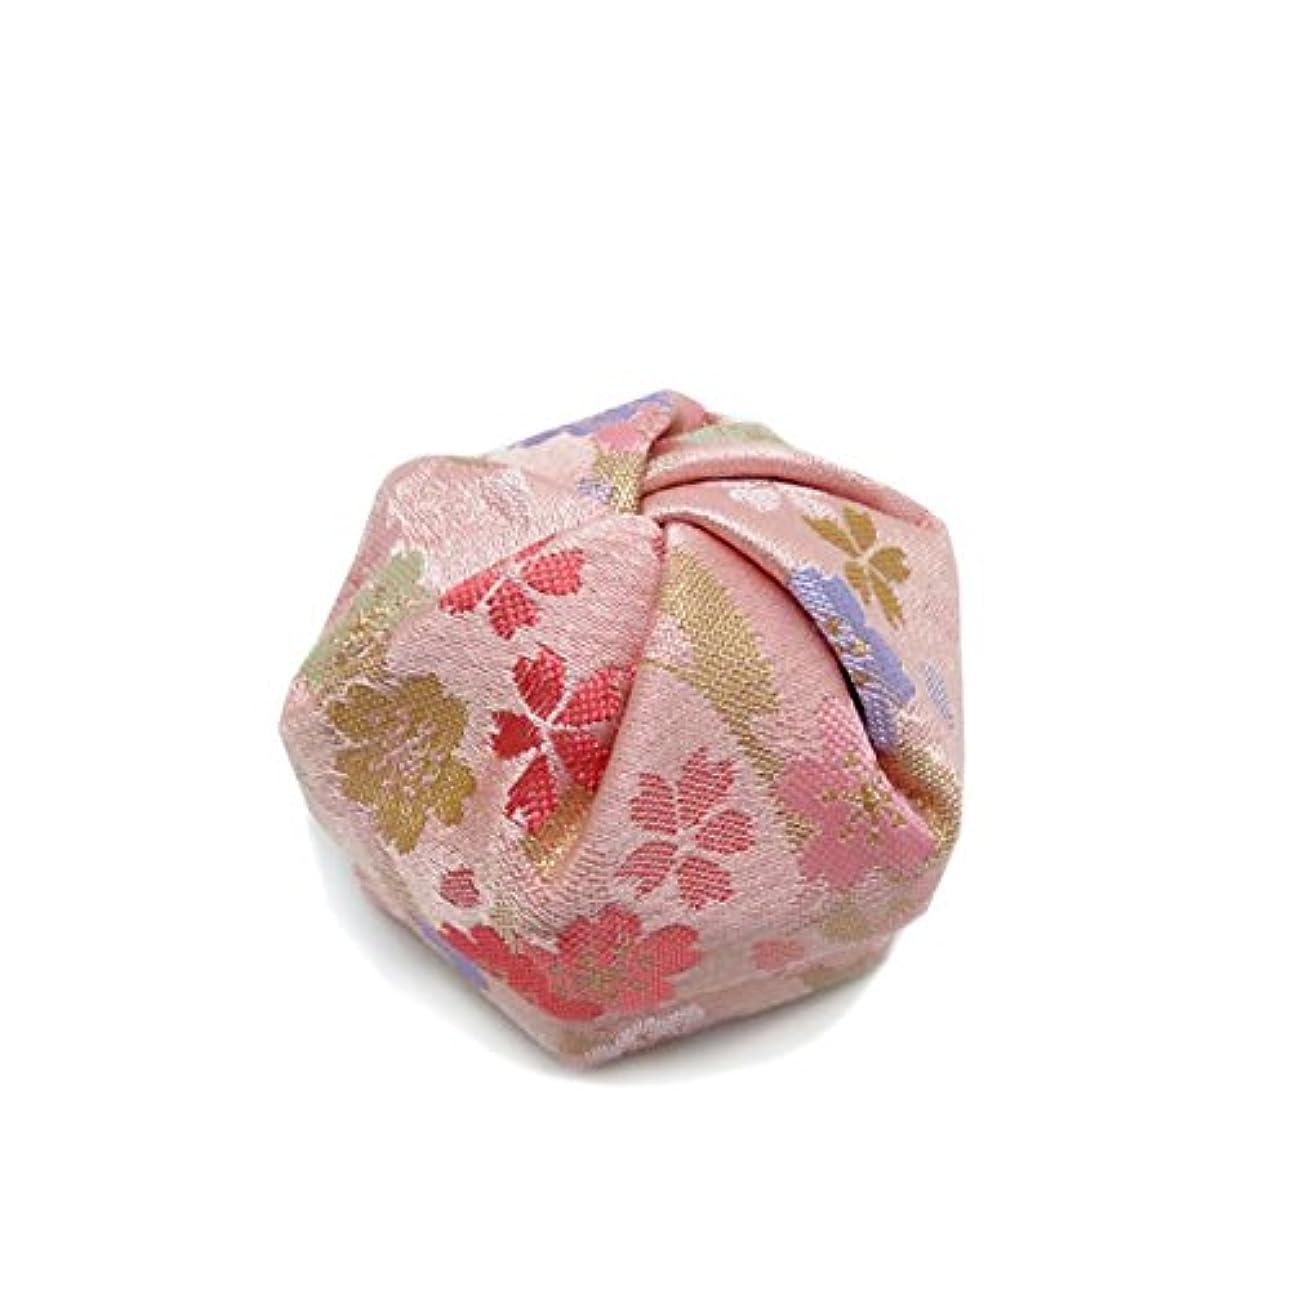 はい簡潔な調べる布香盒 ピンク系 紙箱入